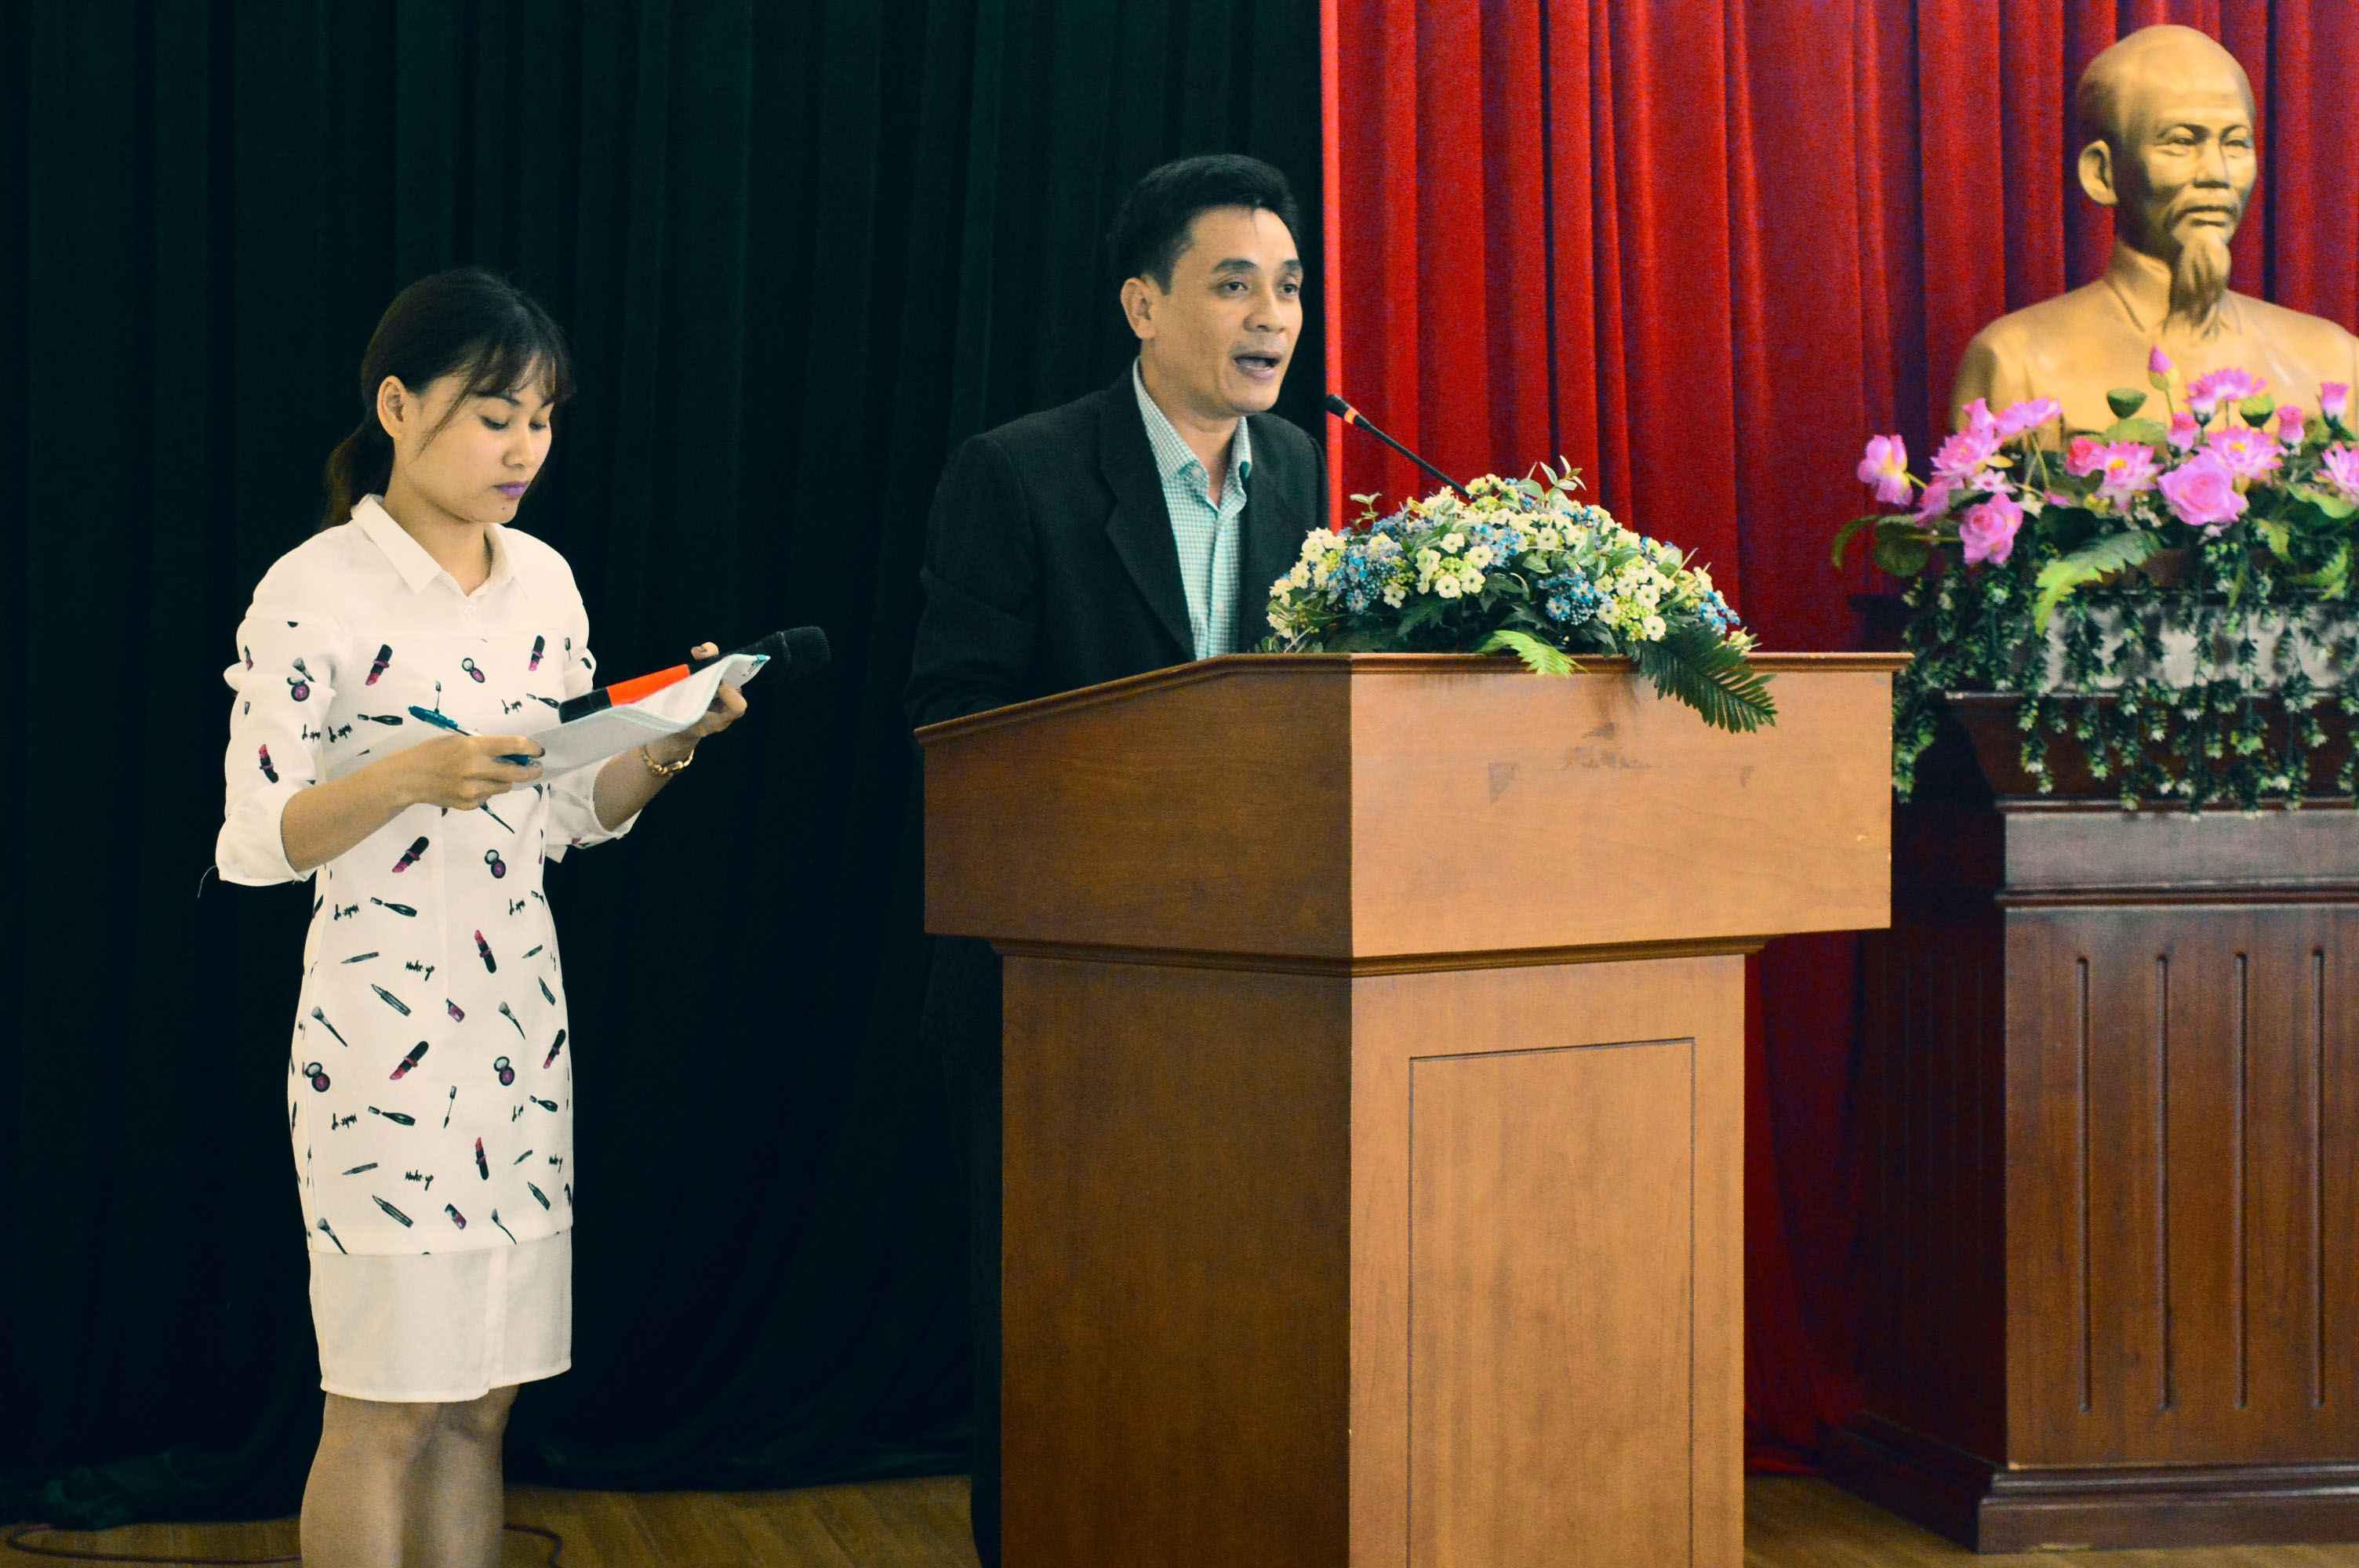 Ông Trần Văn Phúc - Phó Giám đốc Trung tâm hành chính công và xúc tiến đầu tư Quảng Nam phát biểu mời gọi nhà đầu tư Hàn Quốc tại hội thảo. Ảnh: Q.T